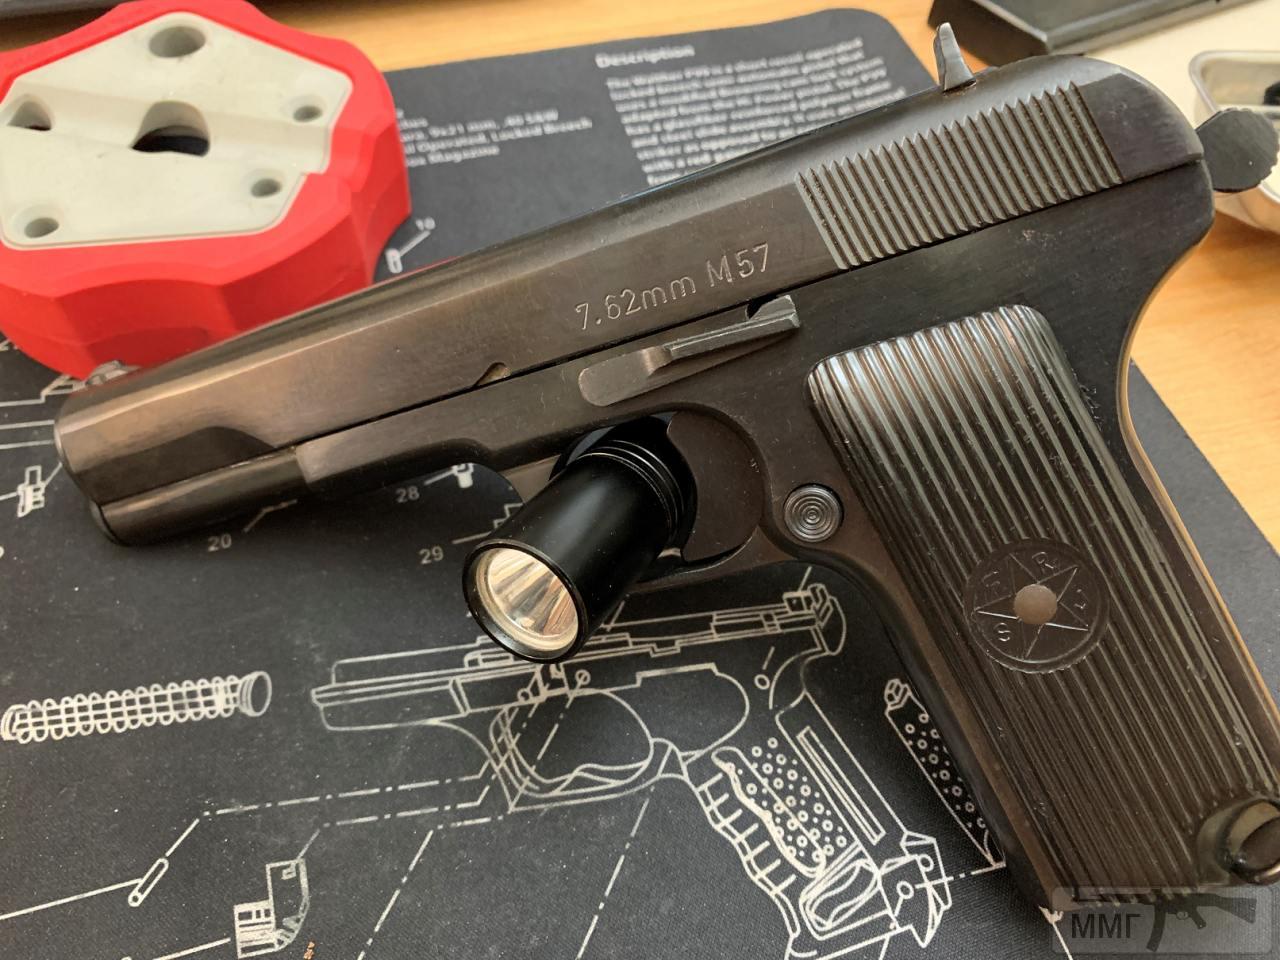 99558 - Пистолет ТТ (Тульский Токарева)